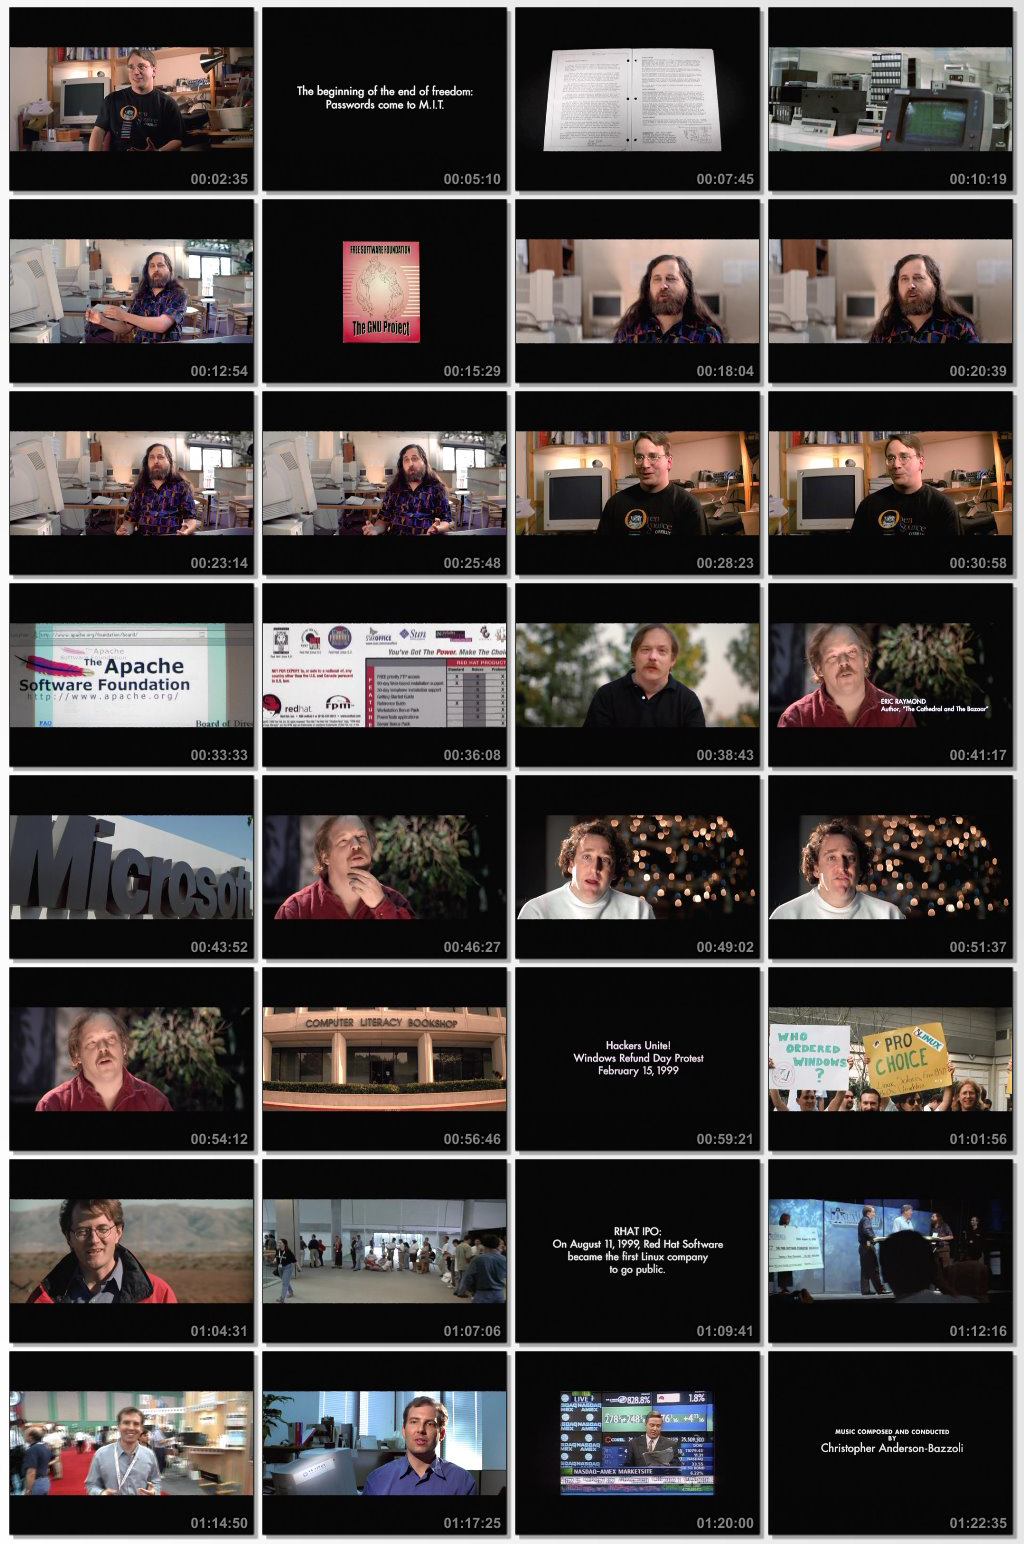 دانلود فیلم مستند Revolution OS 2001